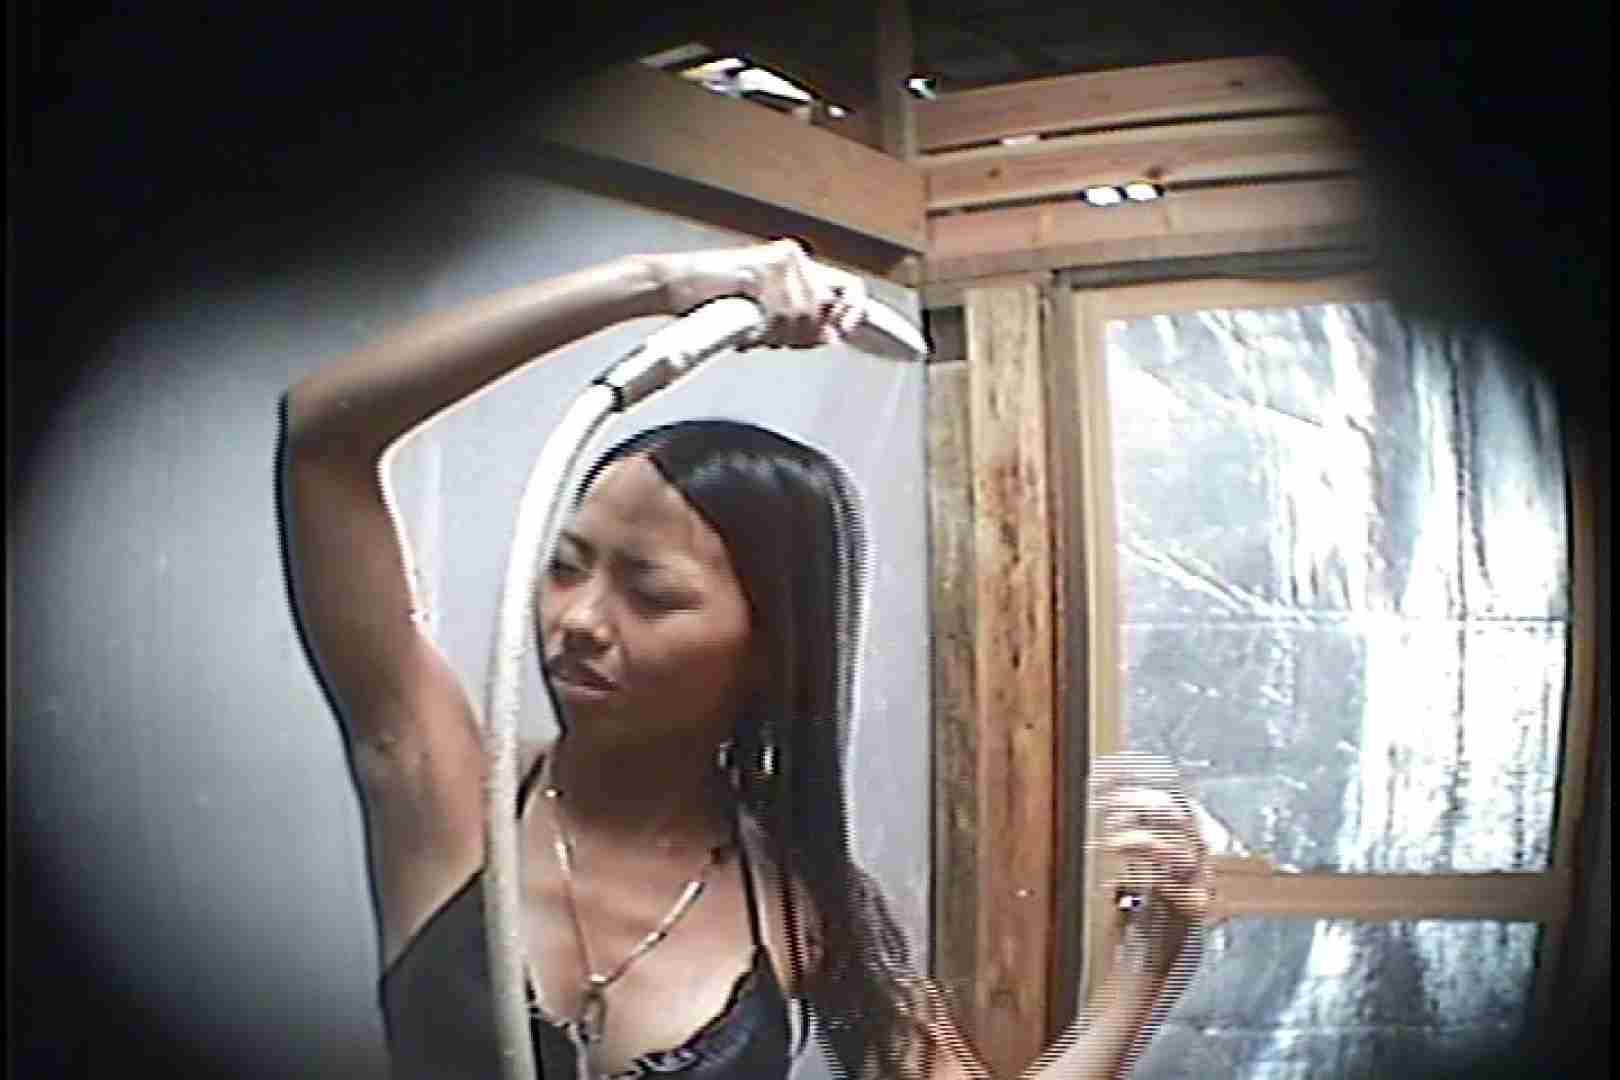 海の家の更衣室 Vol.45 OLの実態 盗撮われめAV動画紹介 90pic 47